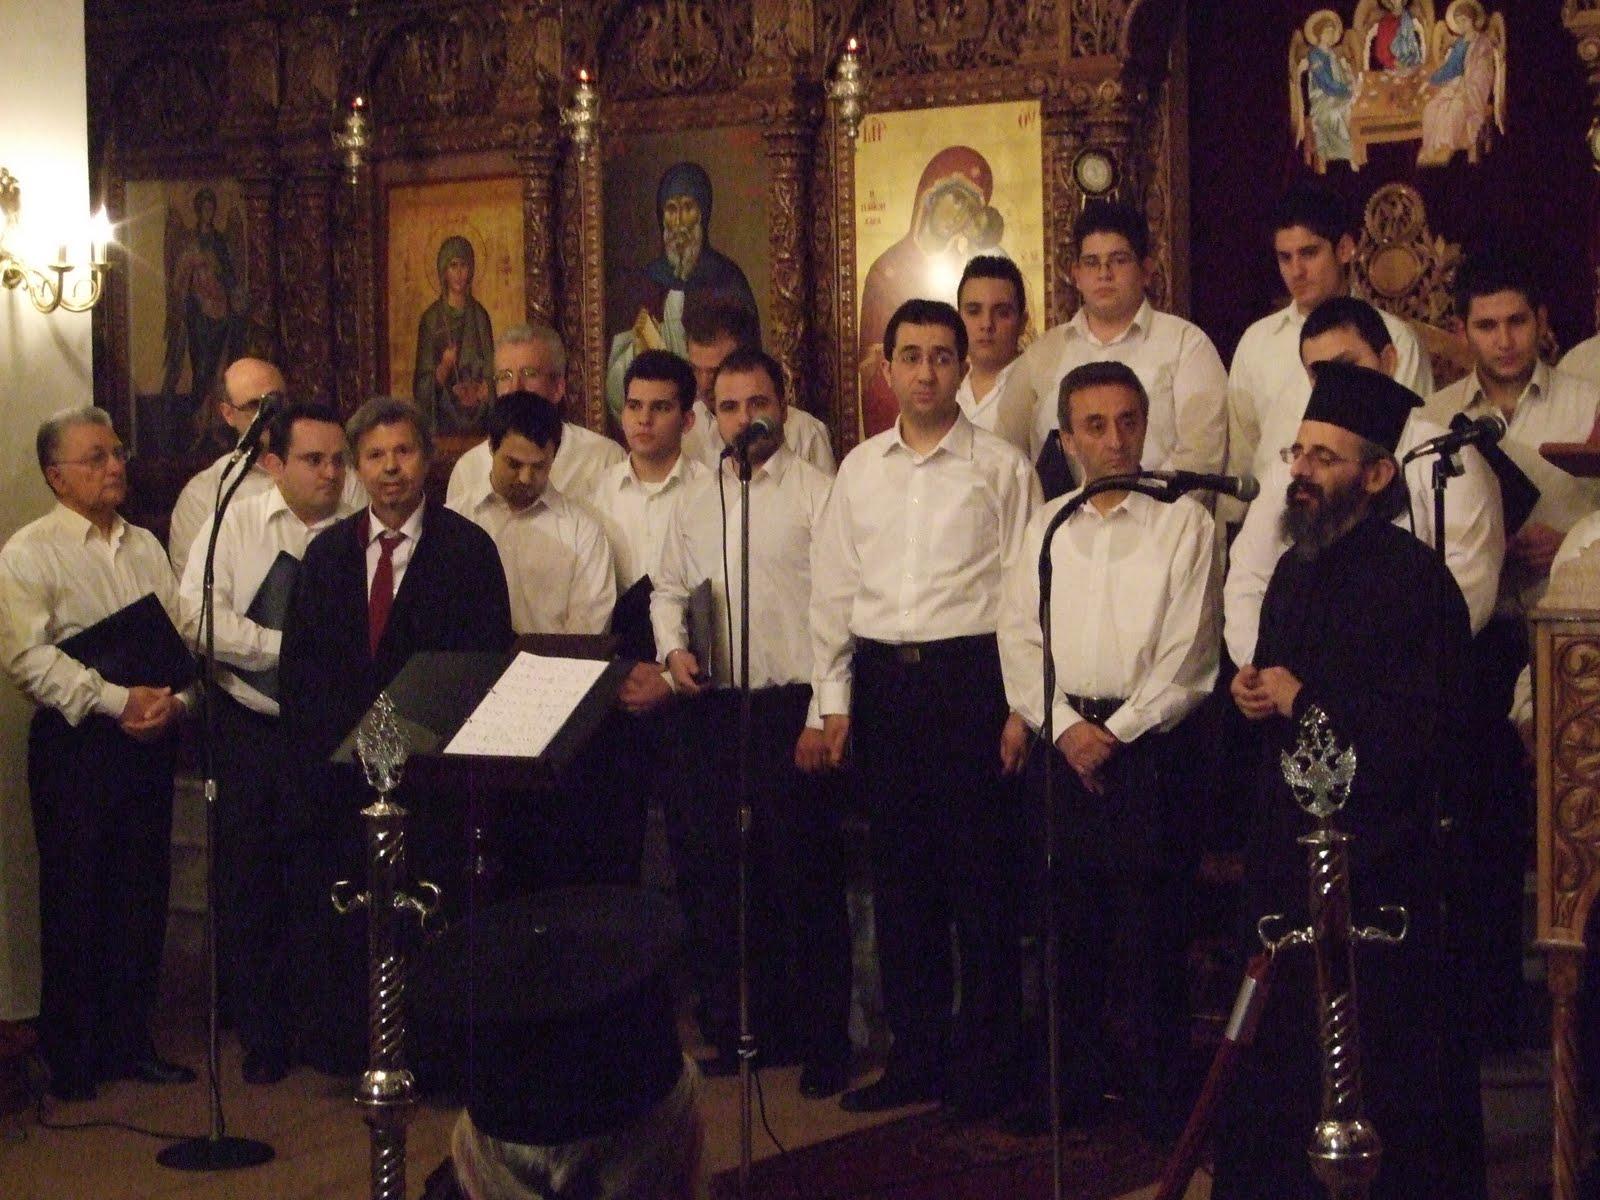 """Εορταστική εκδήλωση με τον """"Βυζαντινό Χορό Αγρινίου"""" και ομιλία απο τον Αρχιμανδρίτη π.Παύλο Ντανά,"""